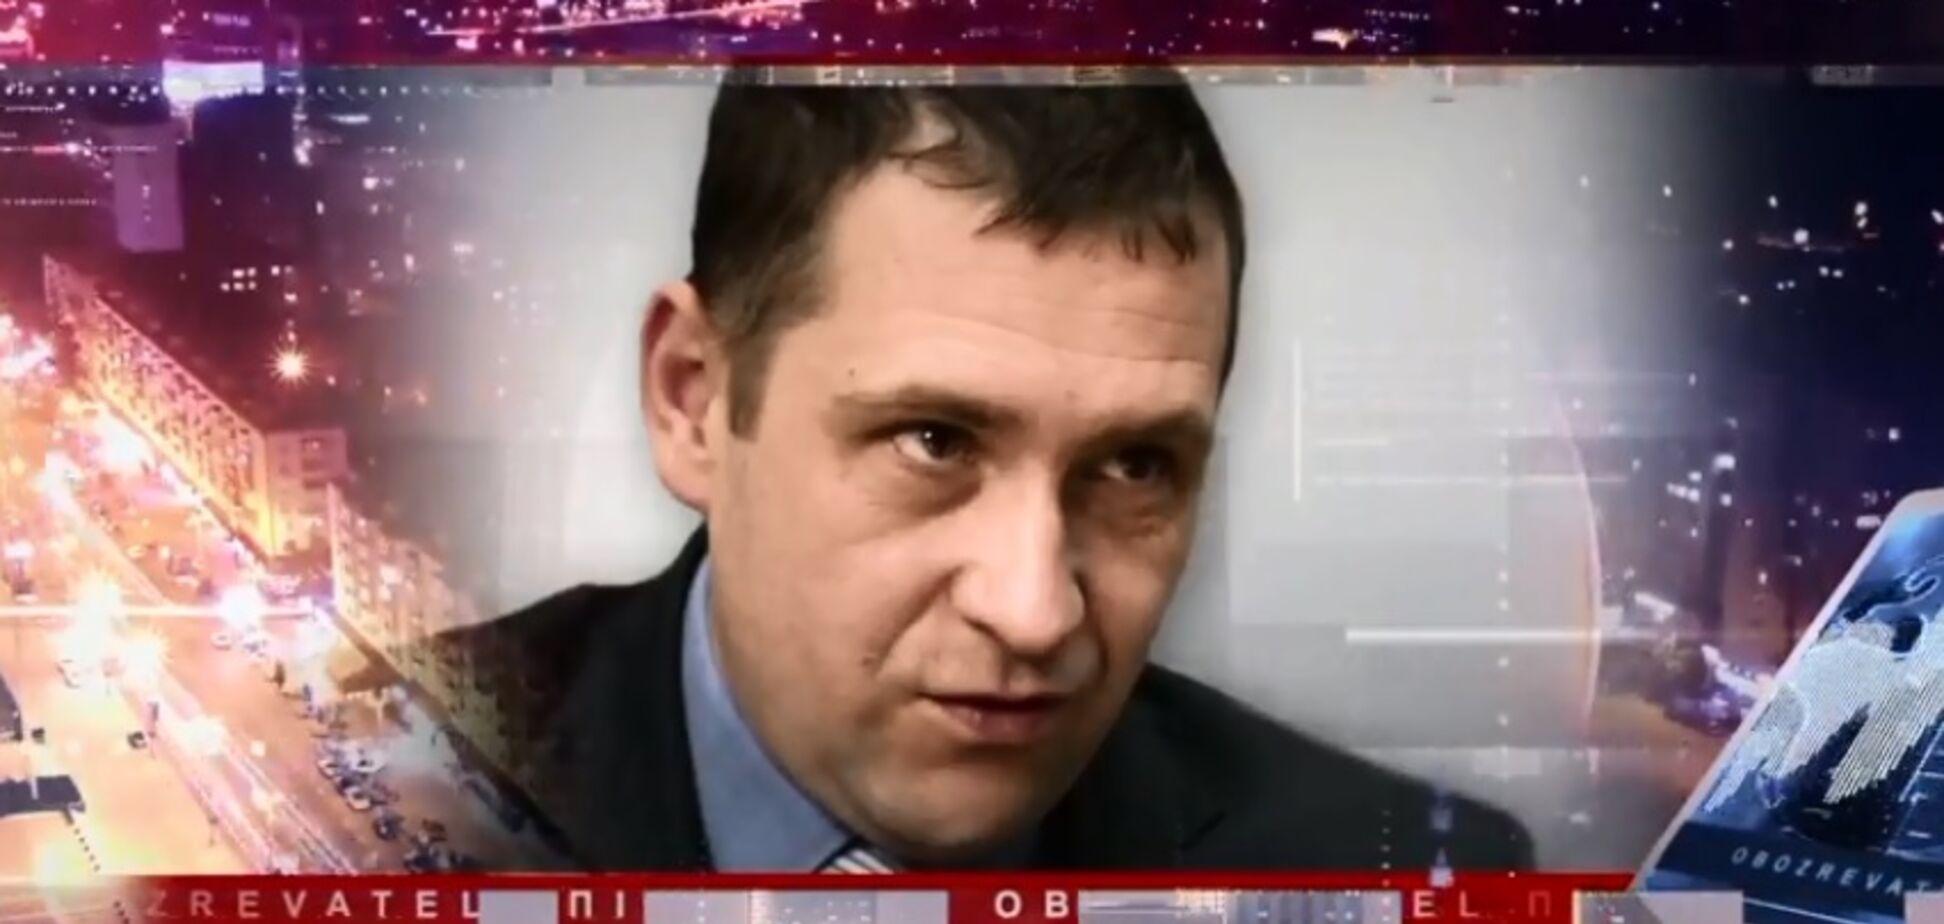 Подачу воды в Крым могли согласовать: Бабин объяснил заявление Шмыгаля